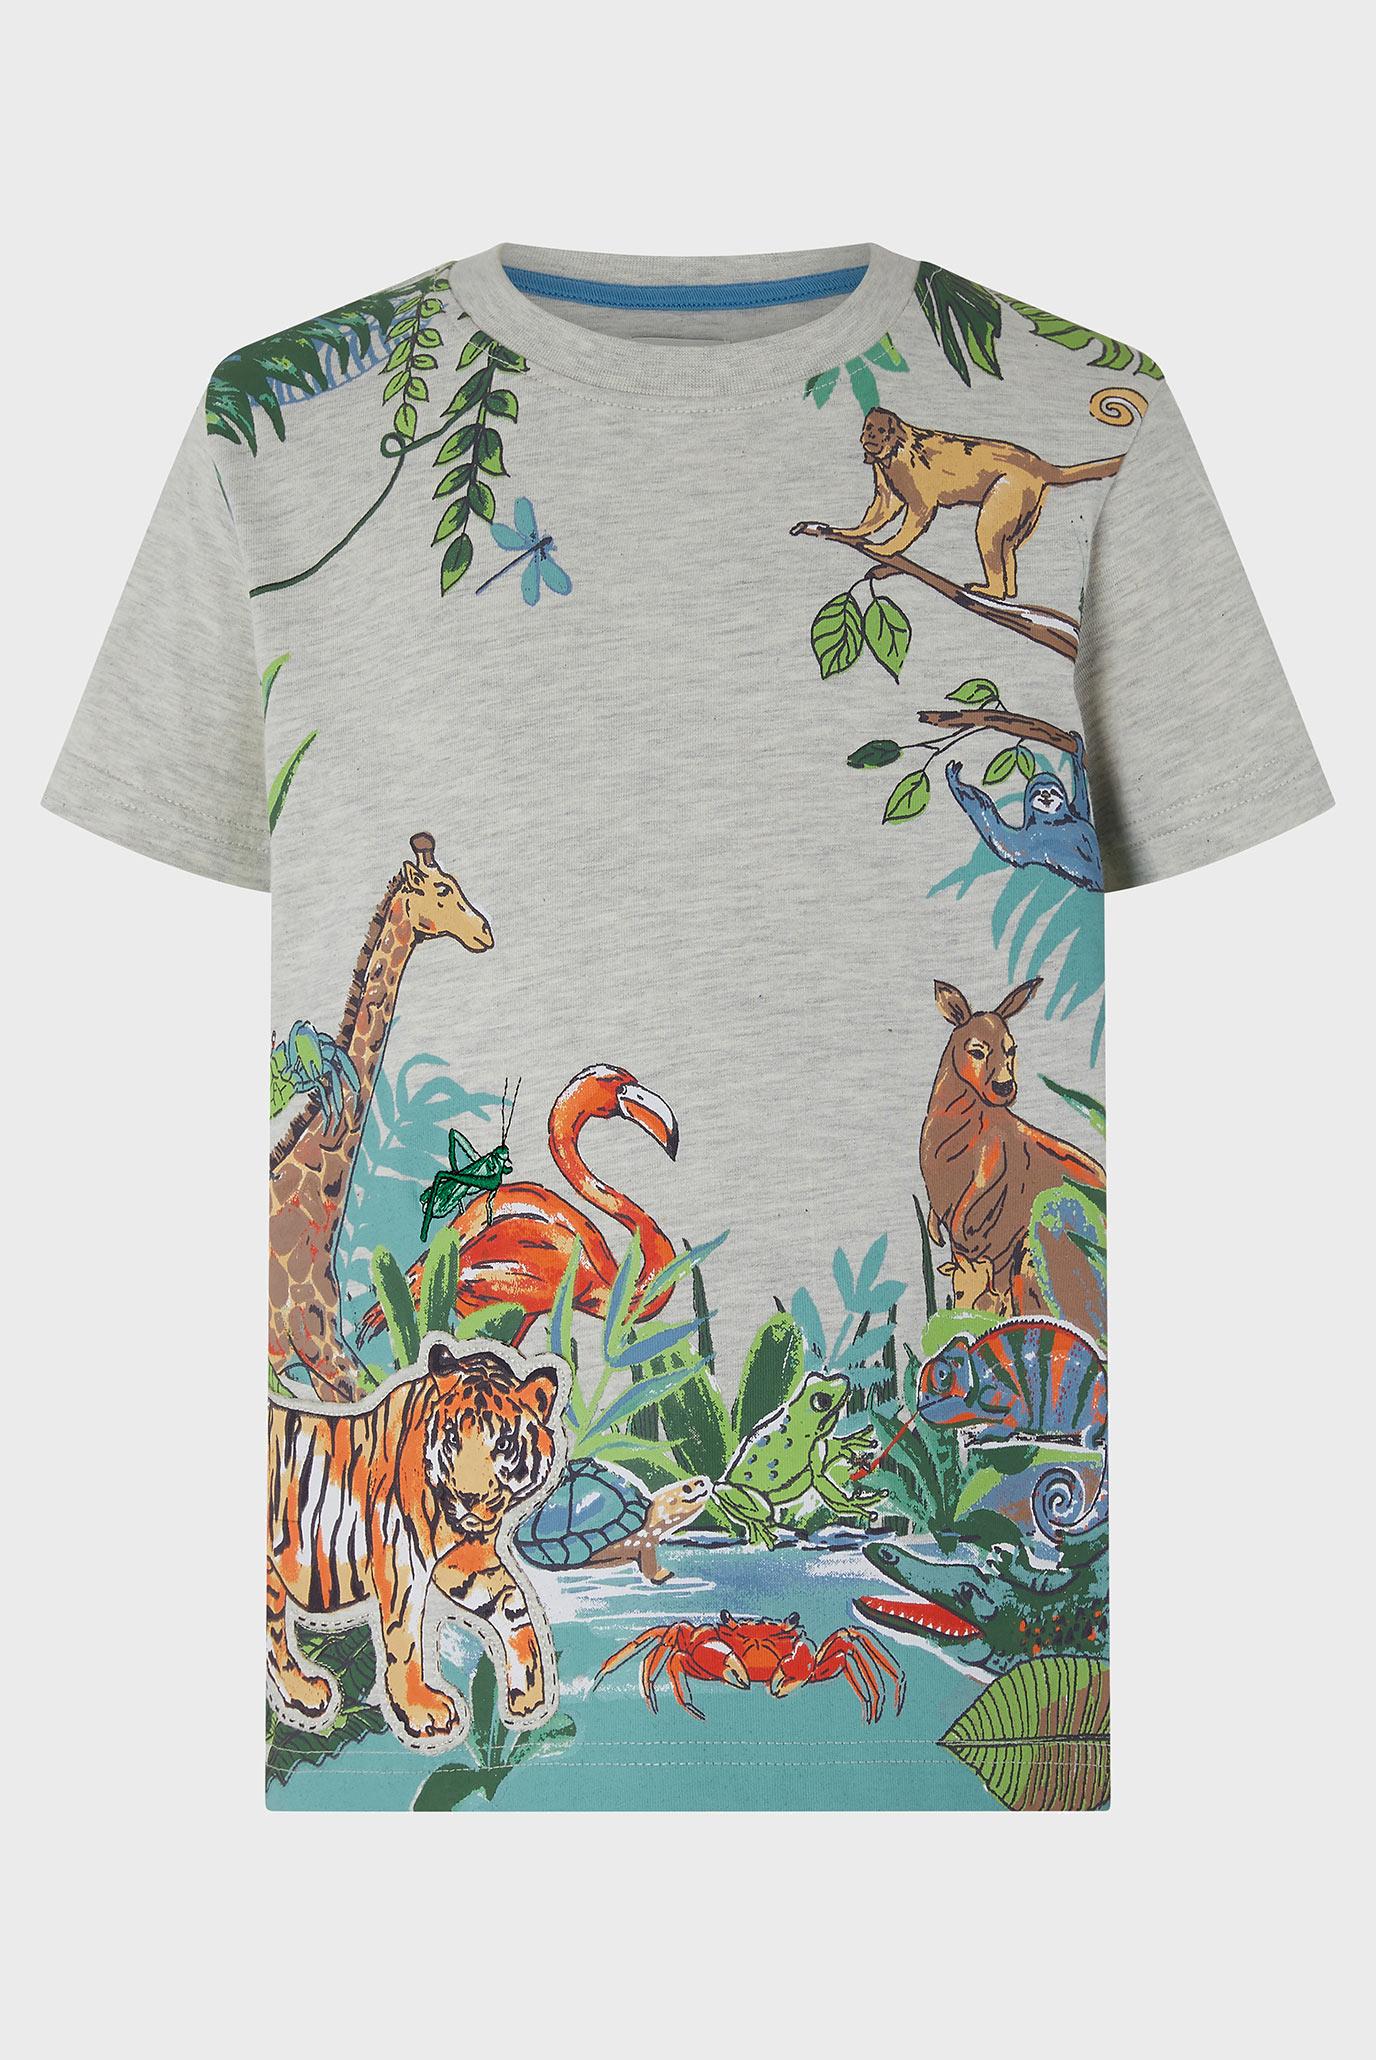 Купить Детская бежевая футболка Jayden Jungle Tee Monsoon Children Monsoon Children 616689 – Киев, Украина. Цены в интернет магазине MD Fashion